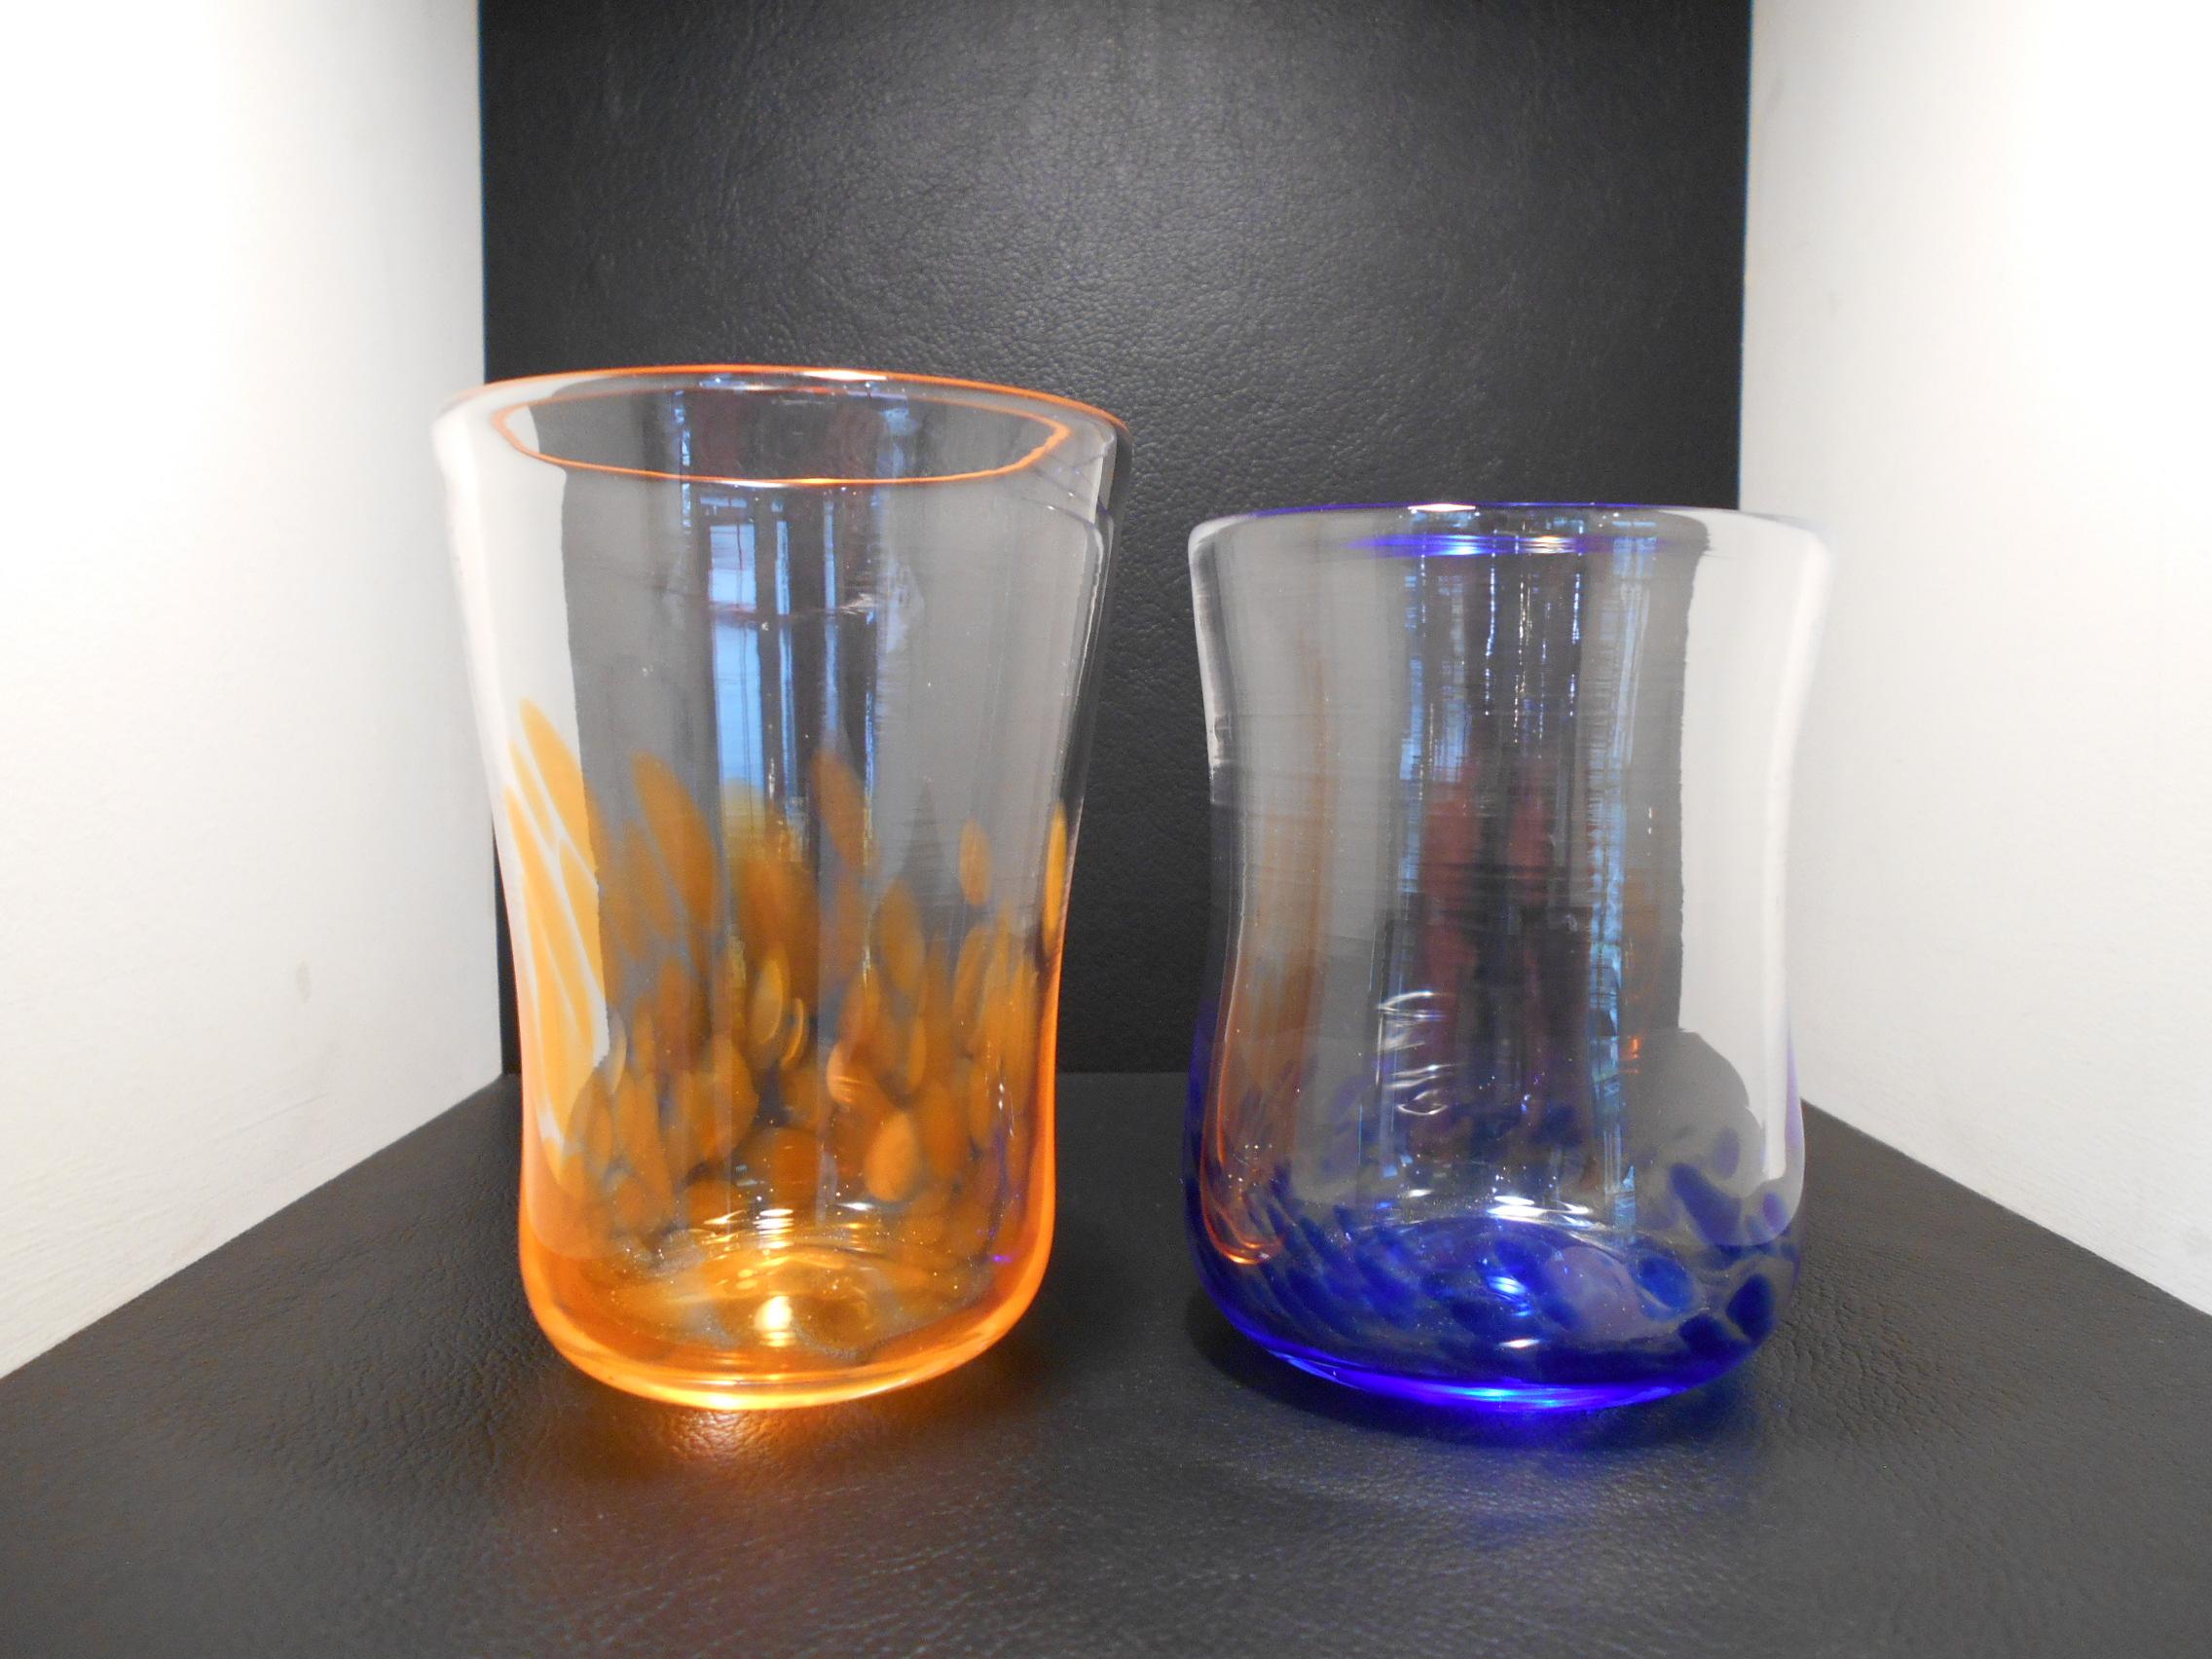 透明ガラスの吹きガラス体験開催について